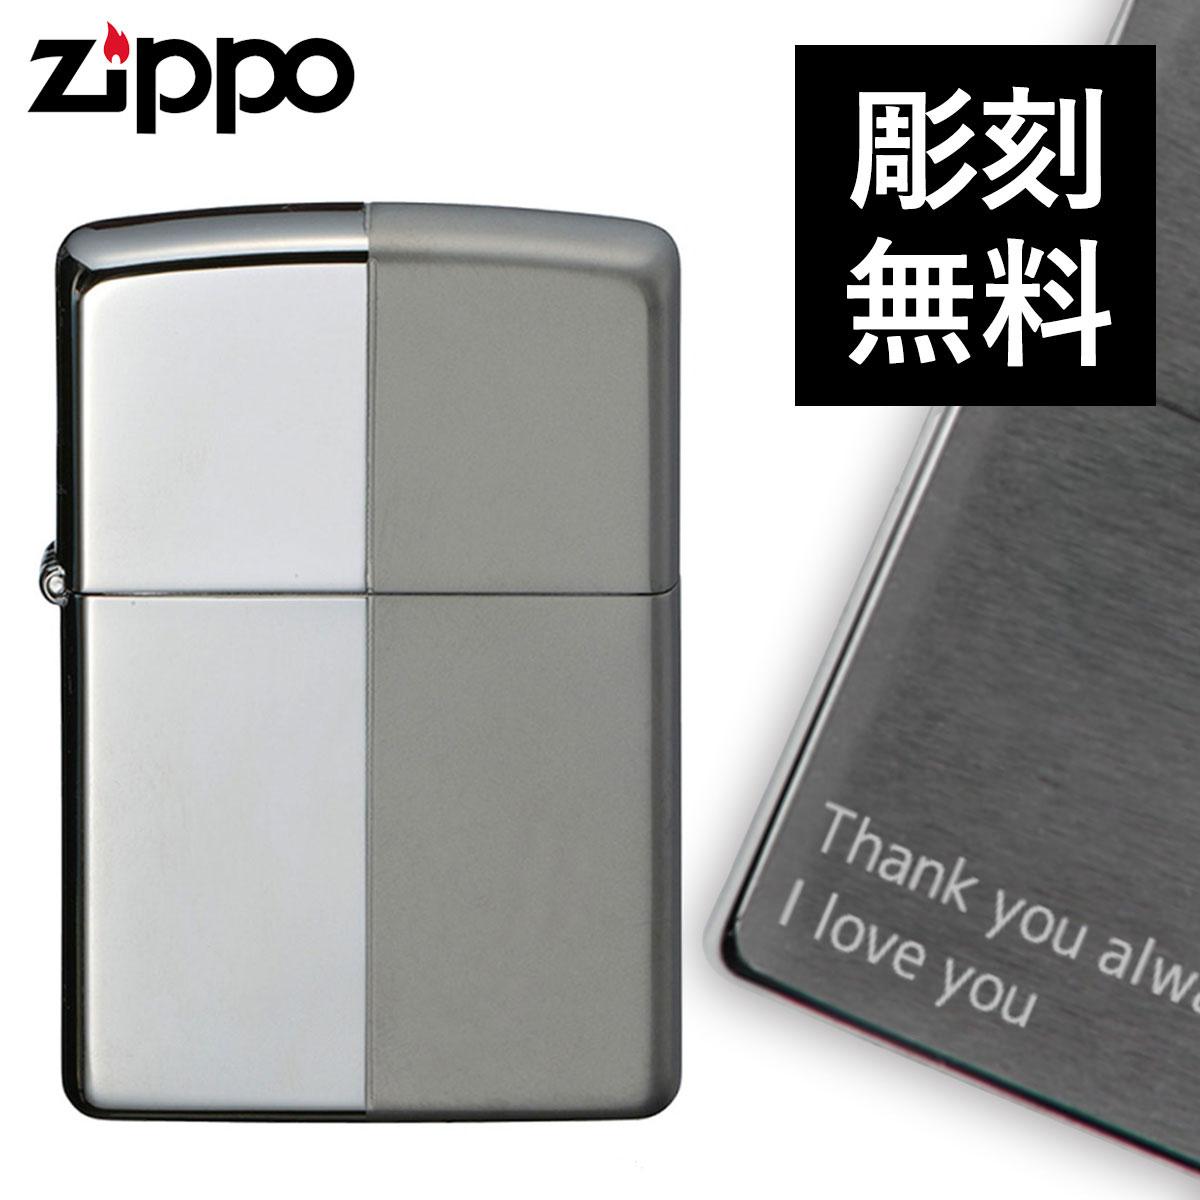 zippo 名入れ チタンコーティング 三面仕上げ STC H-1 名入れ ギフト キズがつきにくい シンプル チタンメッキ